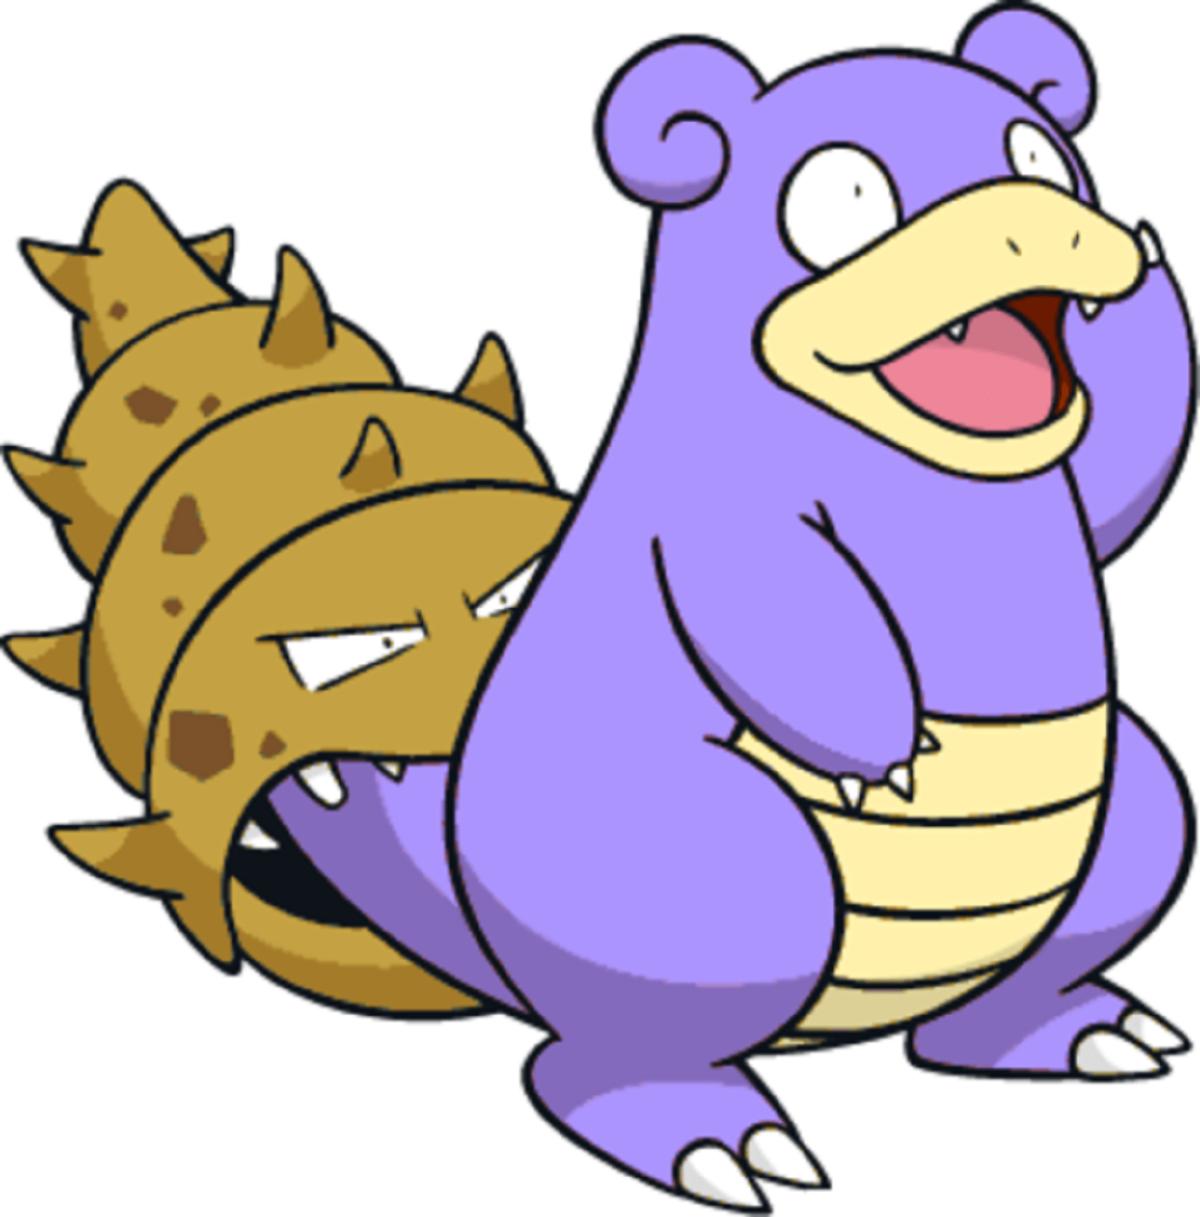 Speedy and Spikey the Slowbro | PokéFanon | FANDOM powered by Wikia